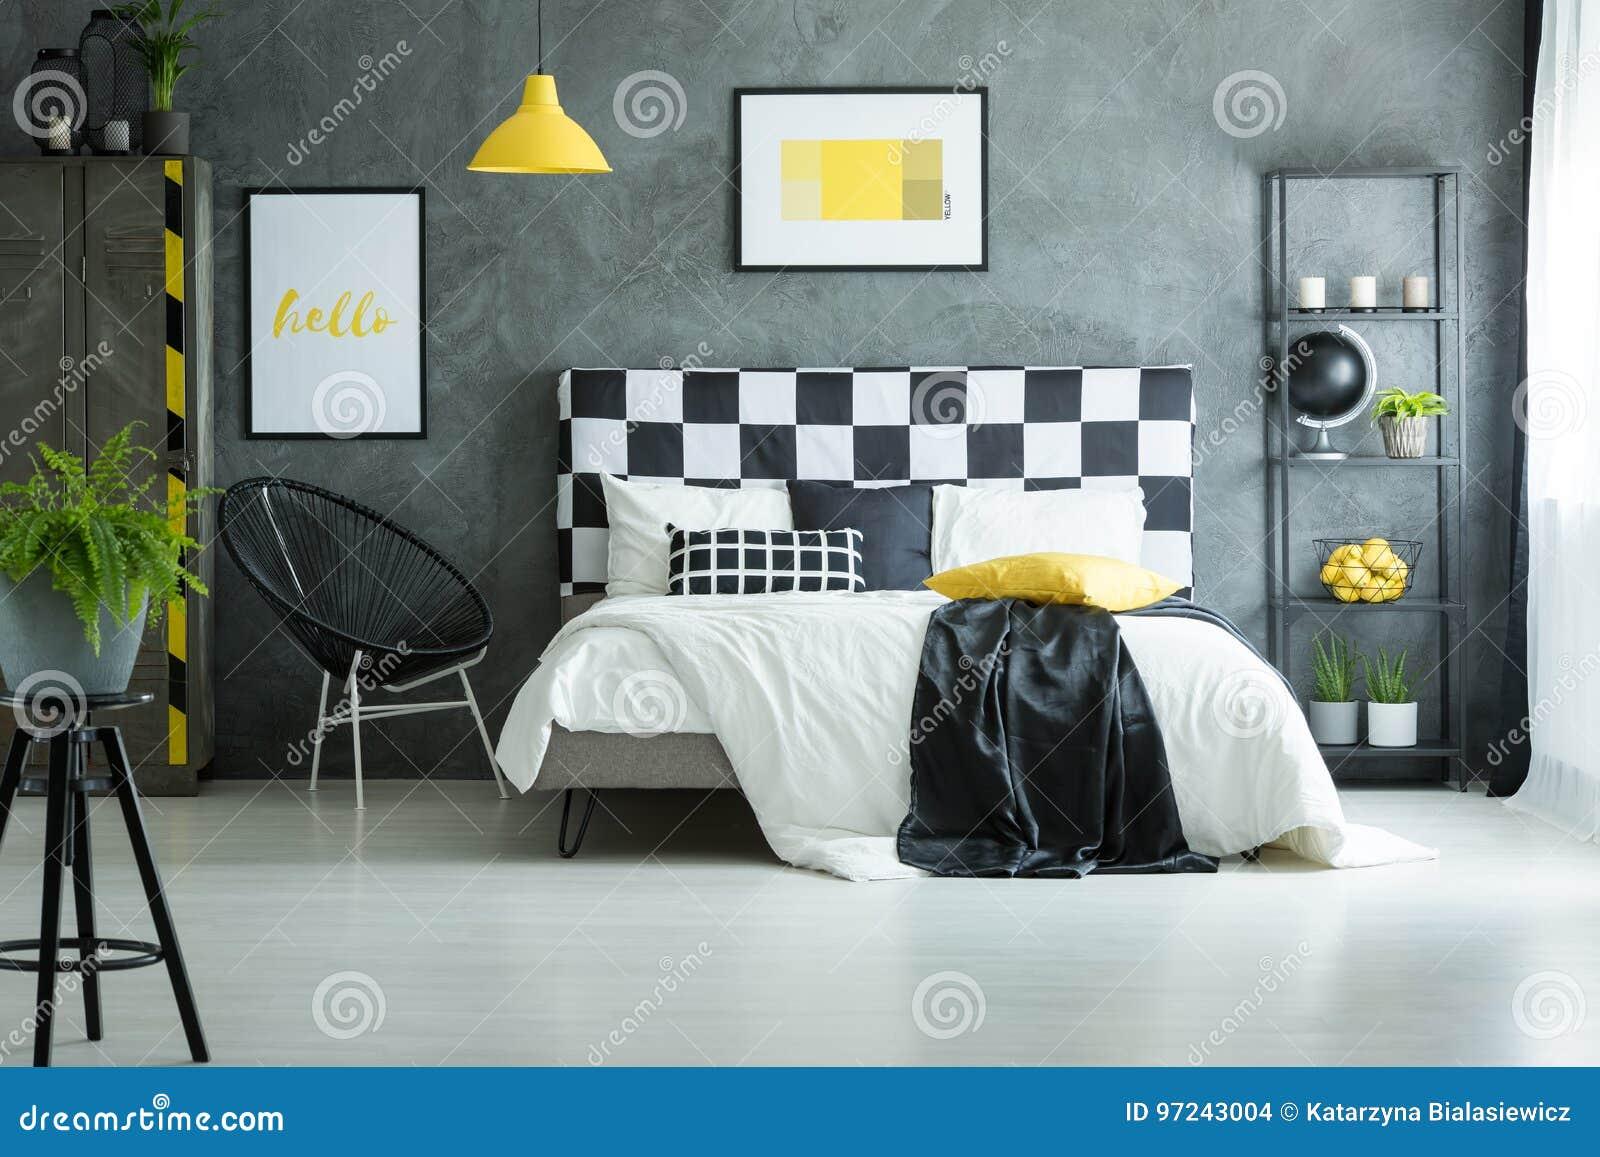 Gemütliches Schlafzimmer Mit Glattem Weißem Boden Stockfoto - Bild ...